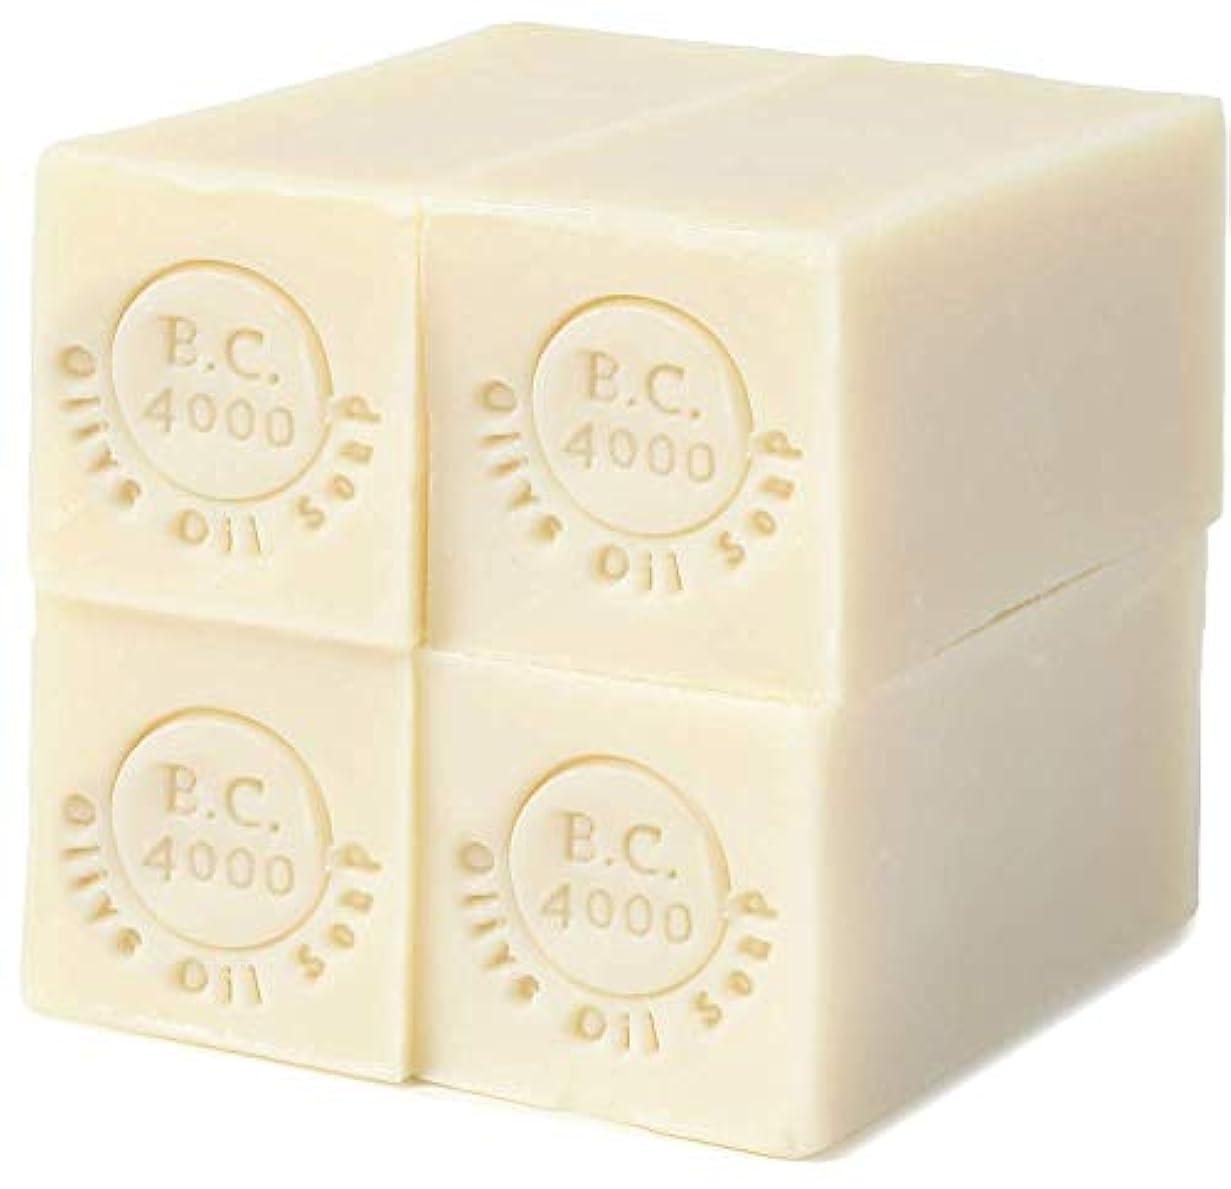 からかう熟達した離れて100% バージンオリーブオイル石鹸 B.C.4000 オーガニック せっけん 50g 4個入